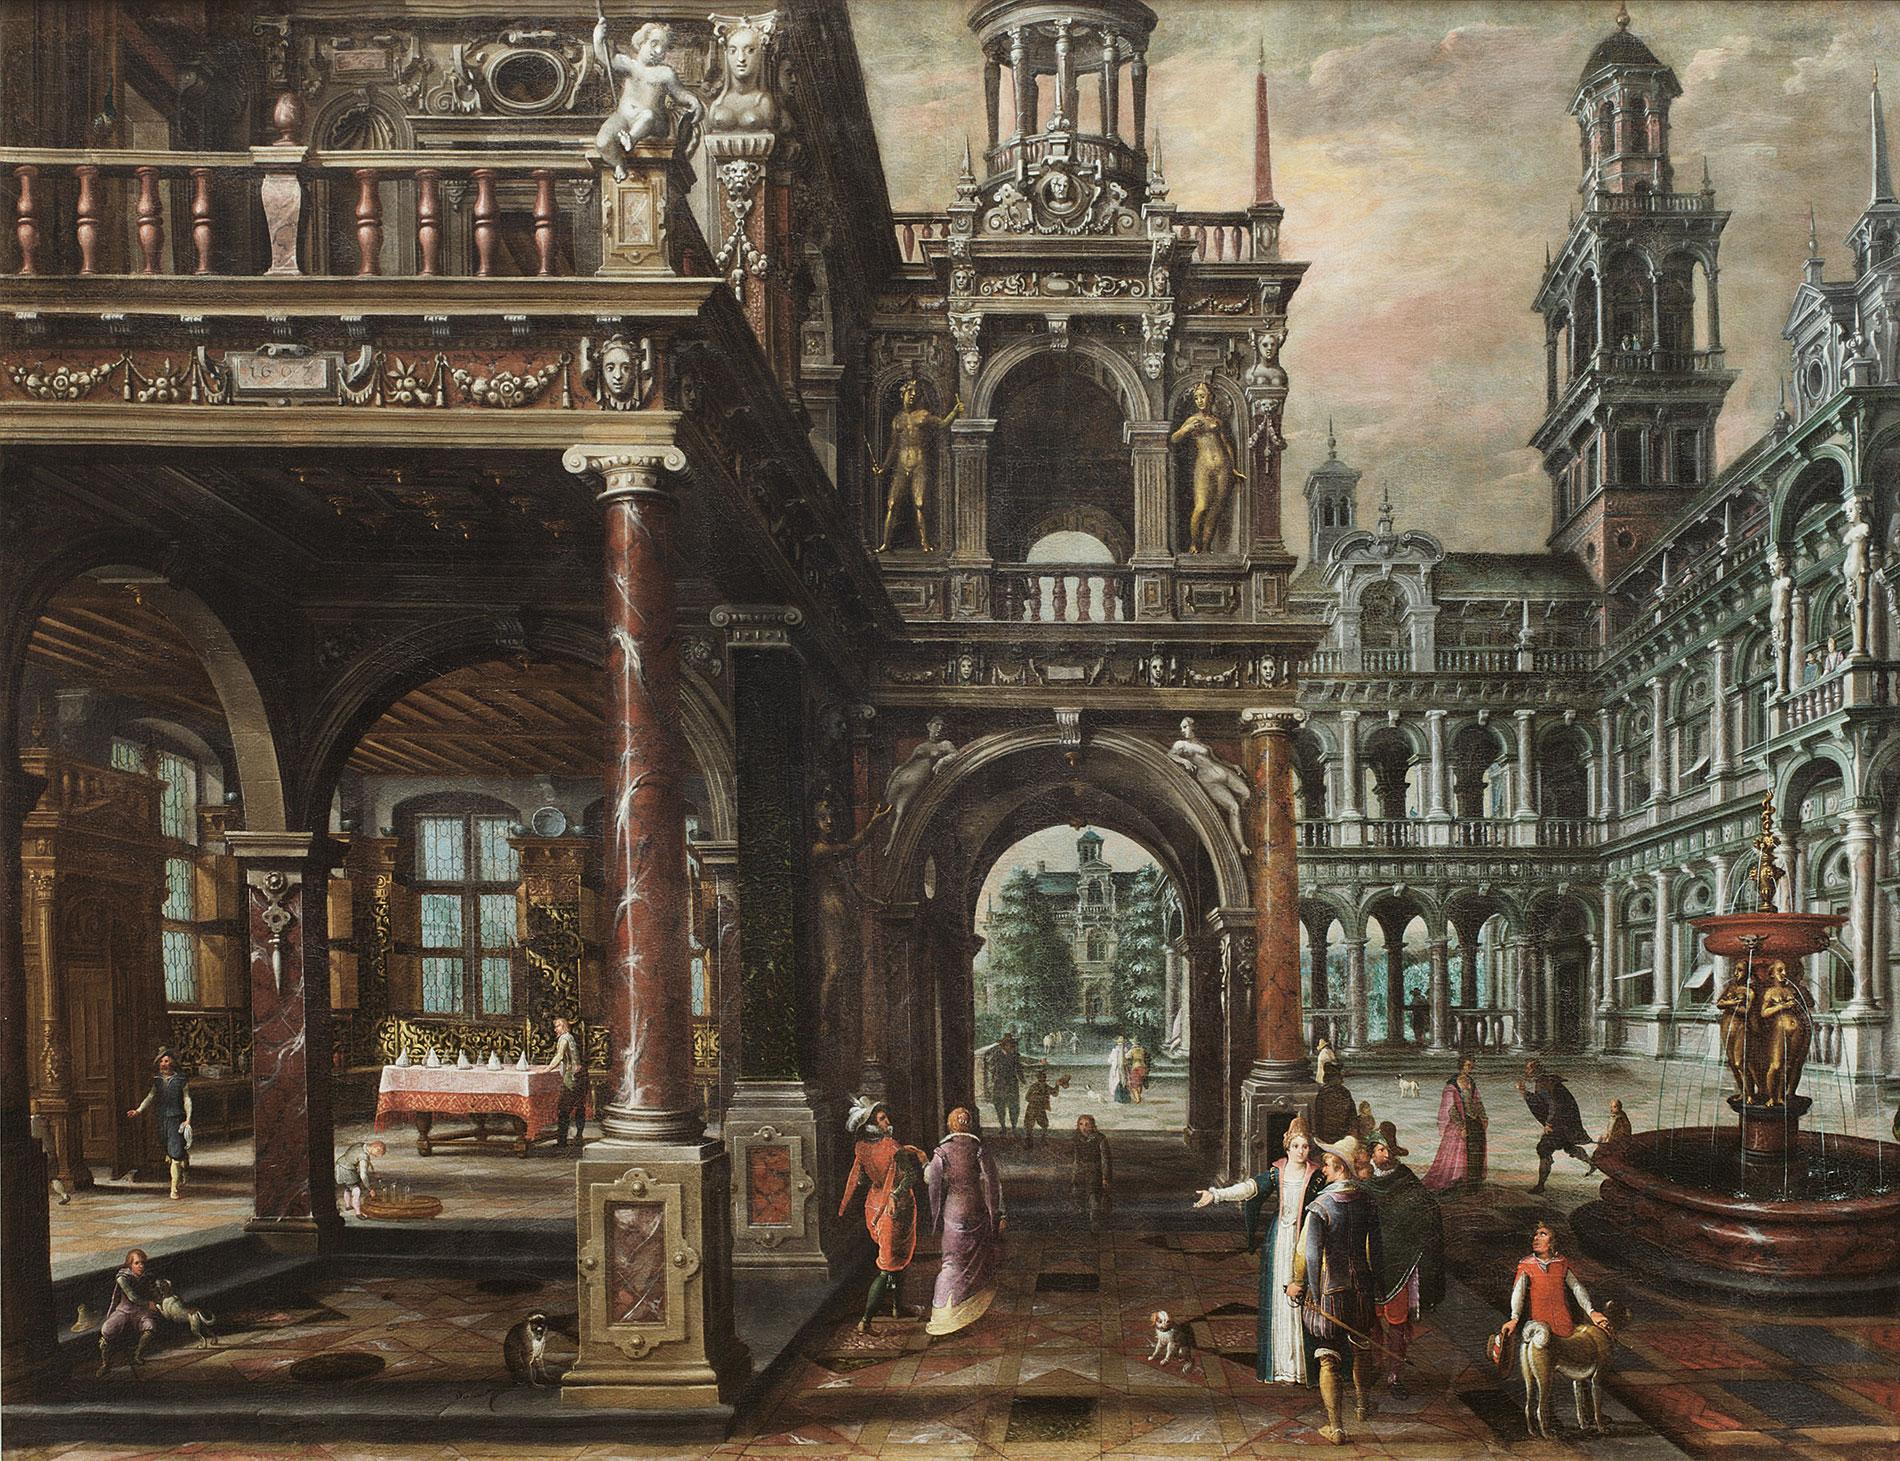 Paul Vredeman de Vries, Palastarchitektur mit höfischer Gesellschaft, 1607, 147,5×189,5 cm; Grassimuseum, Leipzig